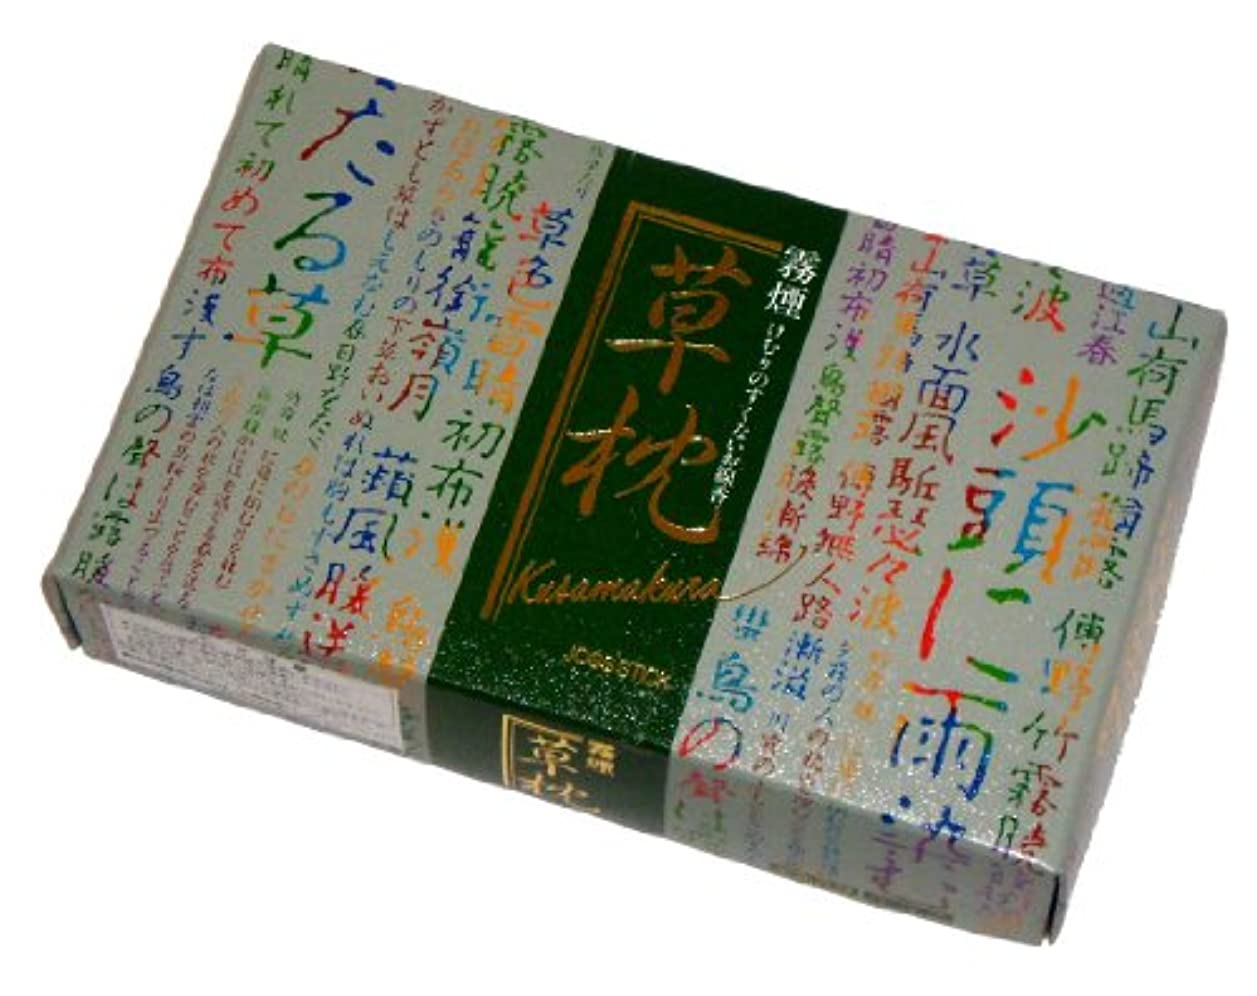 会話型アコーキャンディー敷島線香のお線香 煙の少ない 草枕 I大 #165